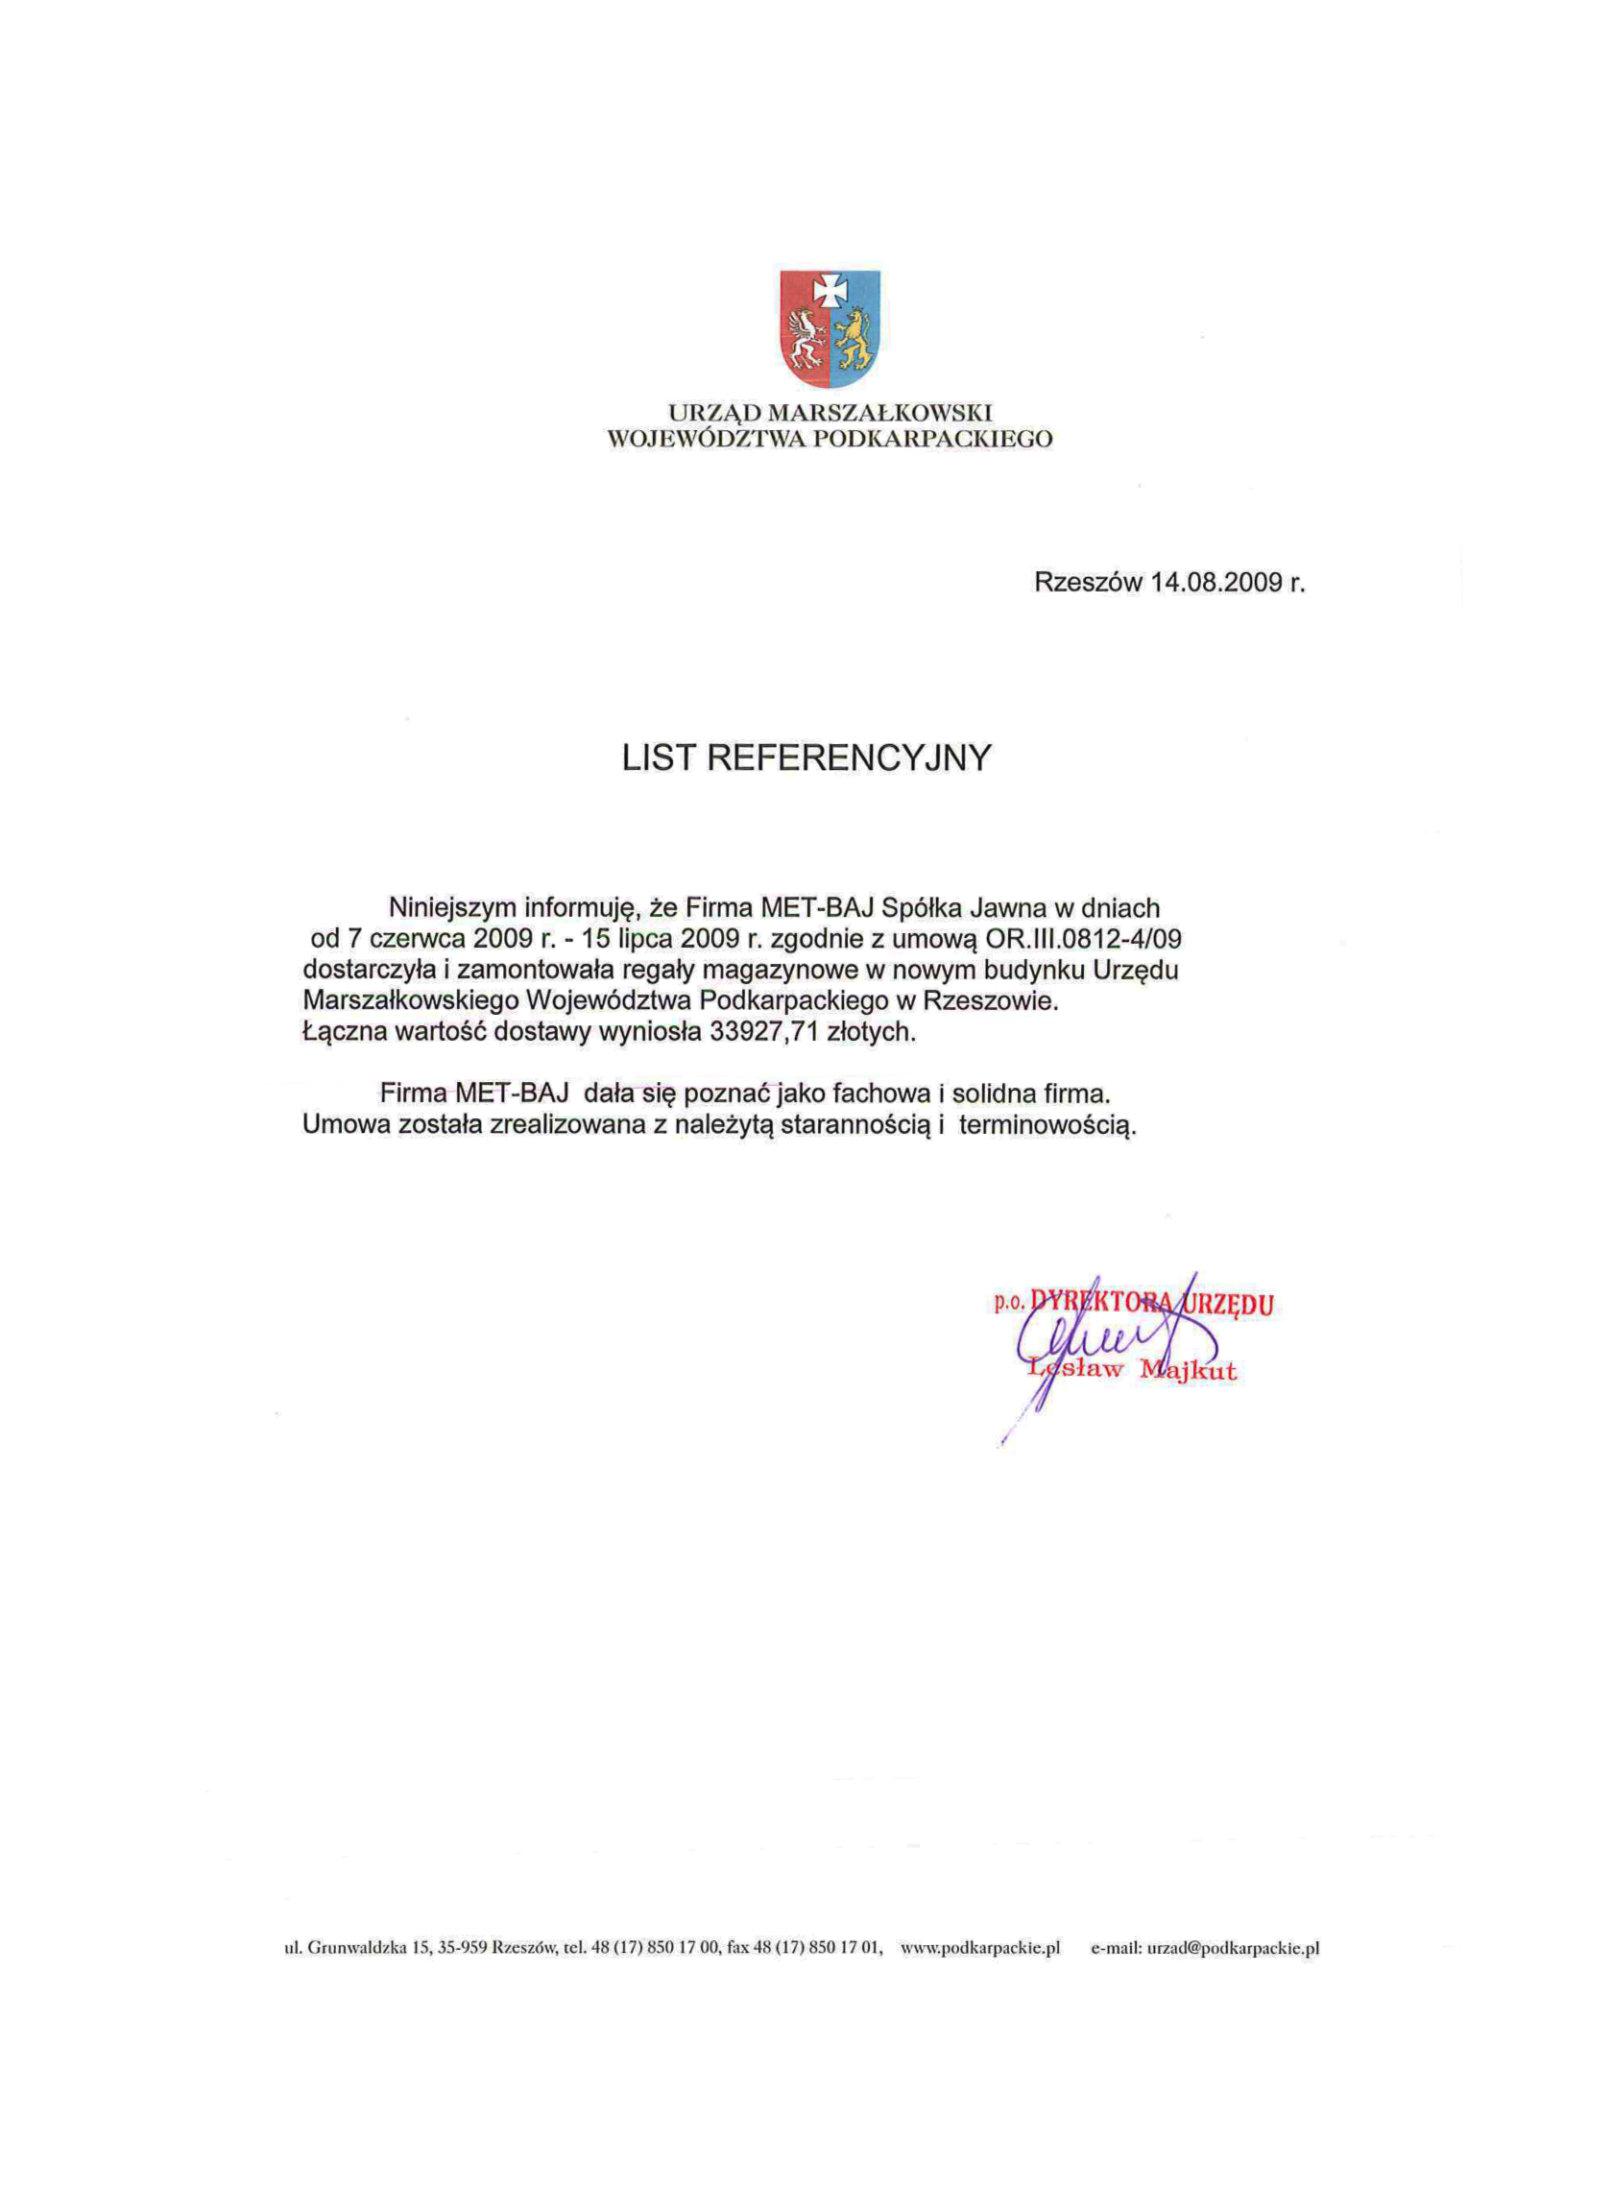 Referencje - Urząd Marszałkowski Województwa Podkarpackiego